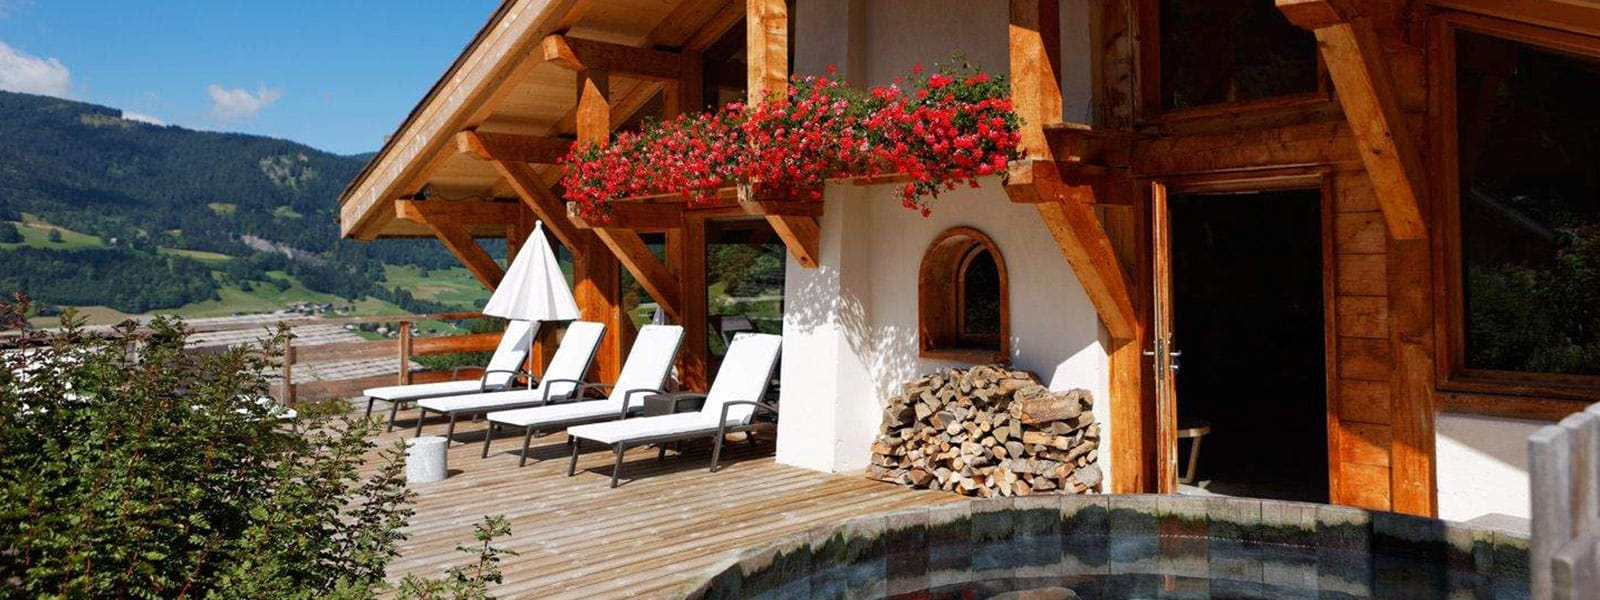 Flocons de sel : hôtel spa de montagne inédit